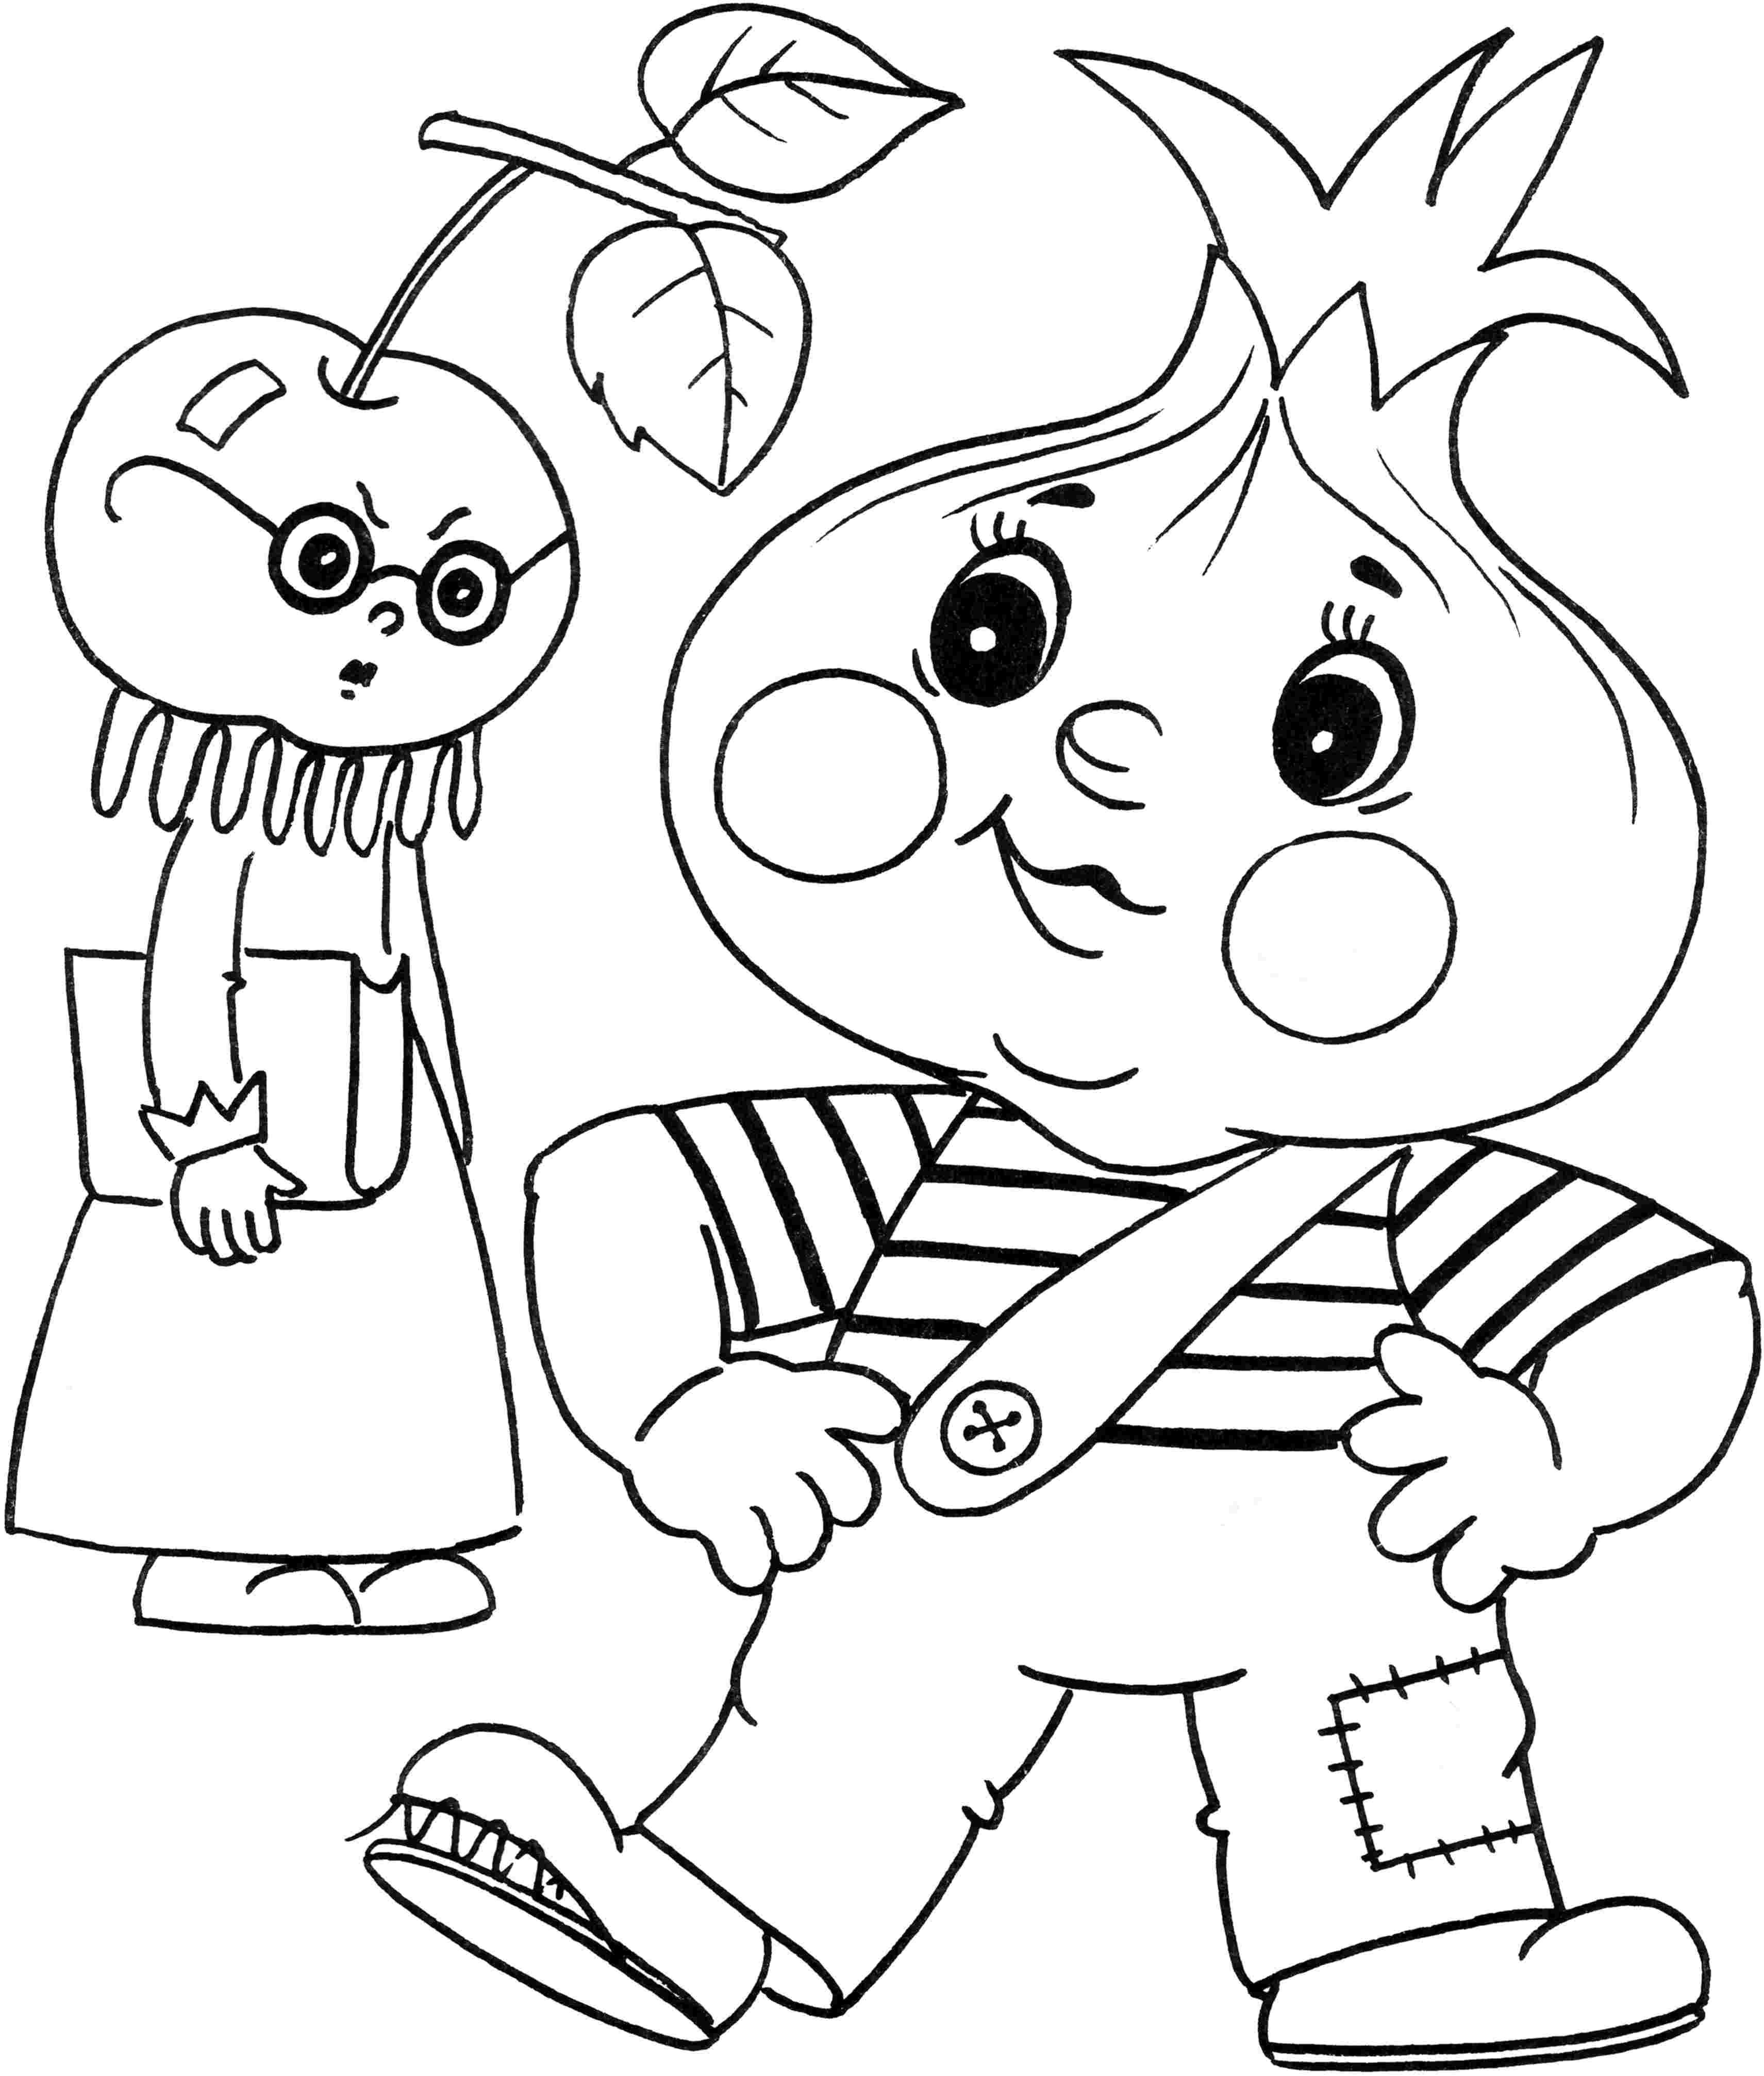 Скачать раскраски для детей бесплатно через